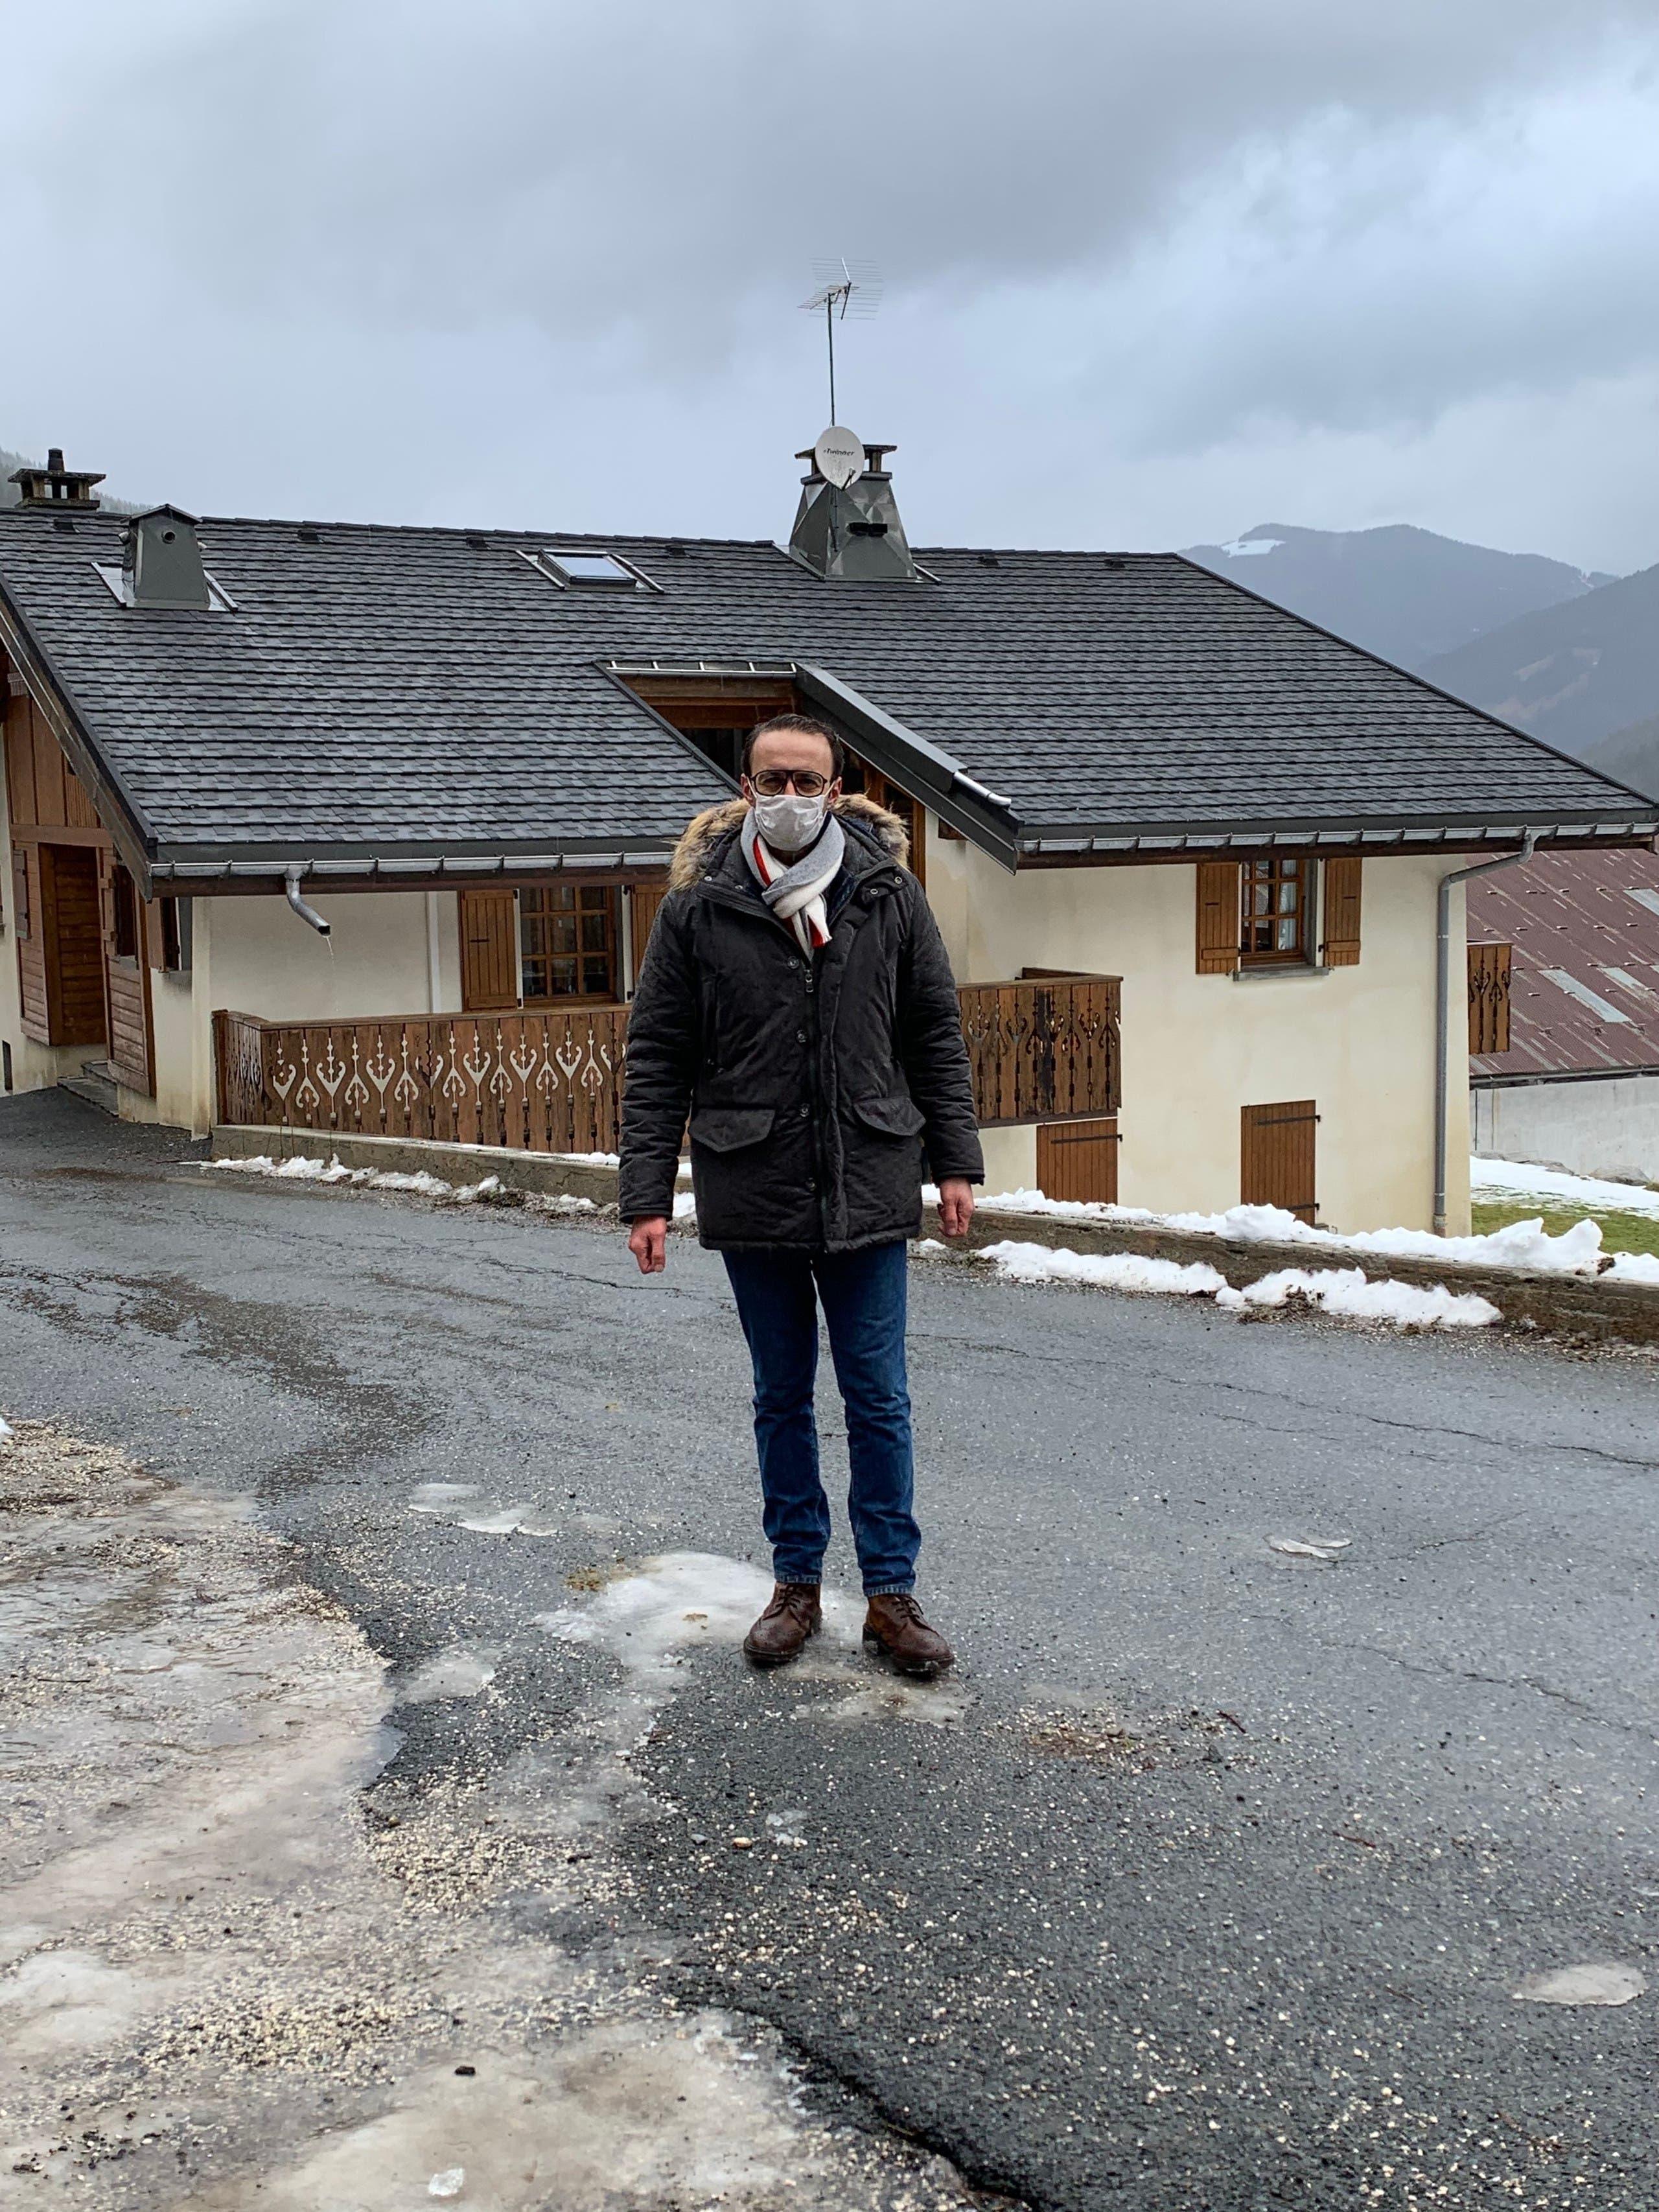 موفد العربية ليث بزاري يرتدي كمامة أمام الكوخ الذي انتشر فيروس كورونا من خلاله في جبال الألب الفرنسية